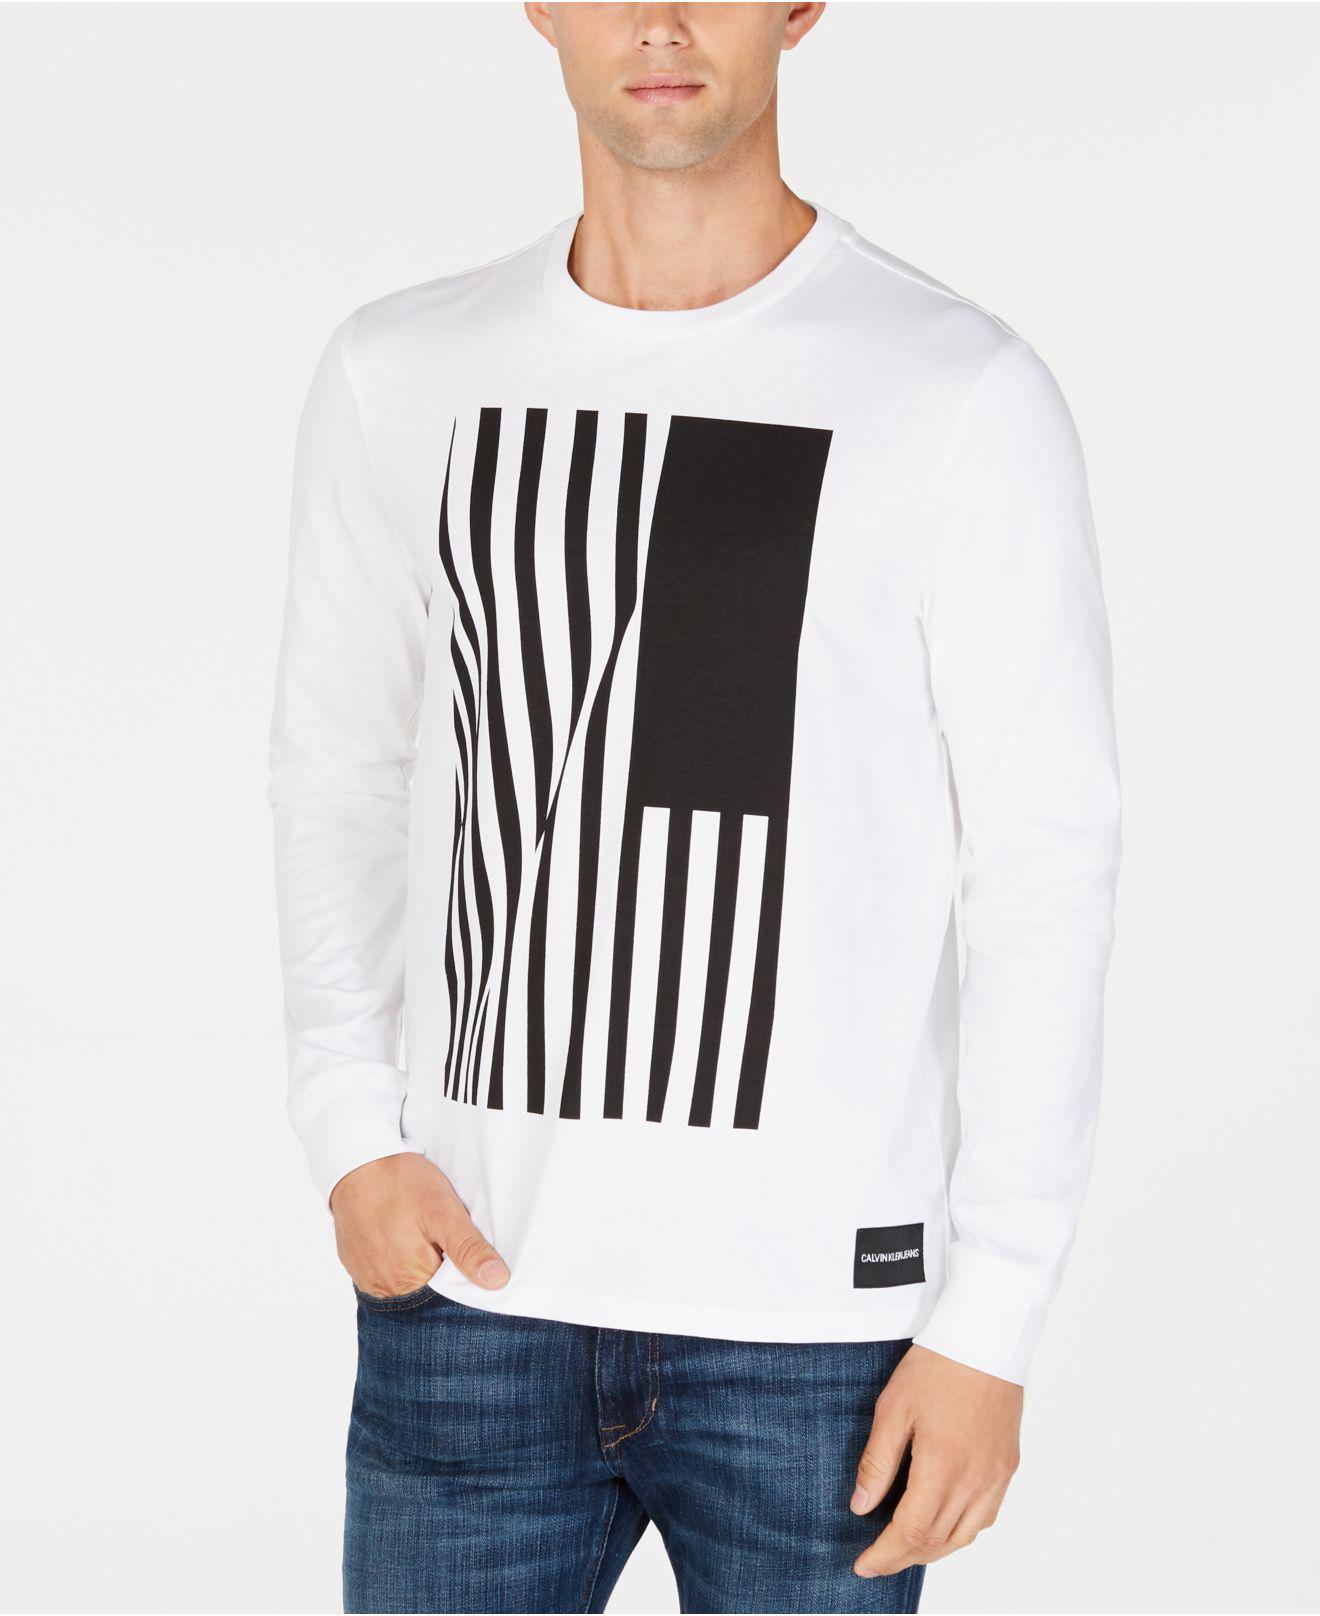 fce712d81fcb Lyst - Calvin Klein Long-sleeve Flag Graphic T-shirt in White for Men